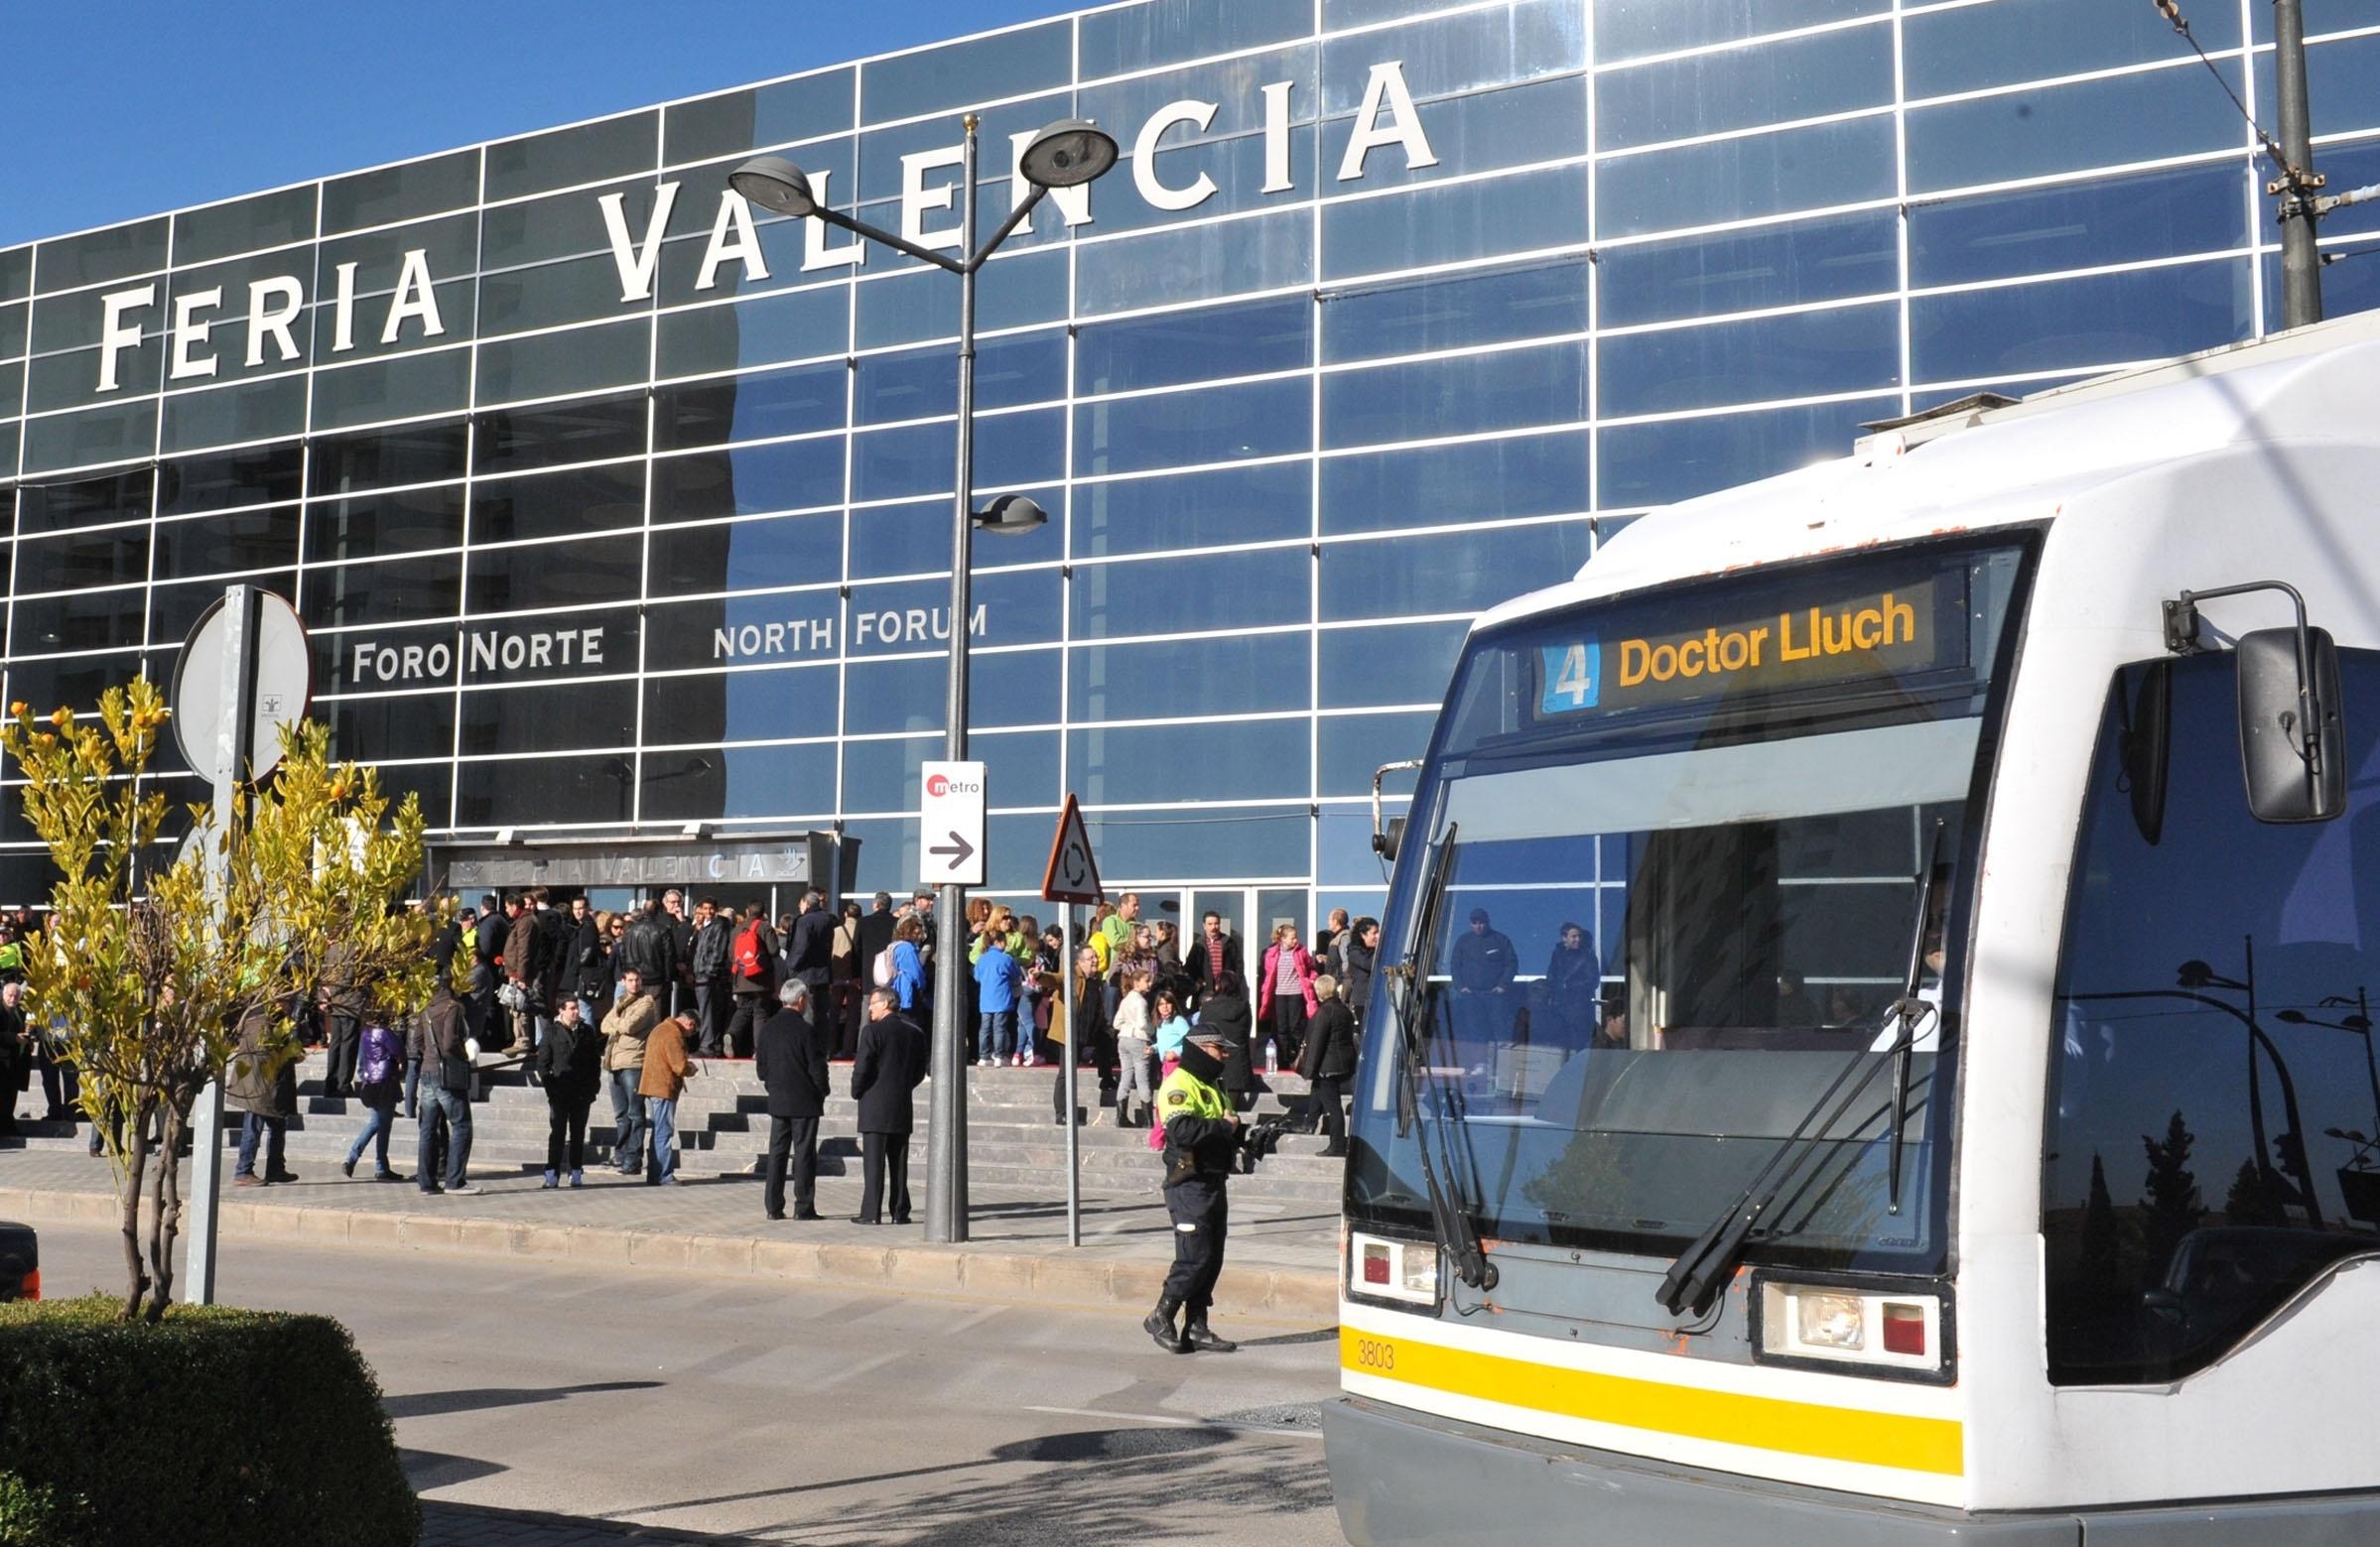 El juez pide a Feria Valencia que aclare lo abonado a Orange en 2008 tras detectarse un pago por 1,4 millones